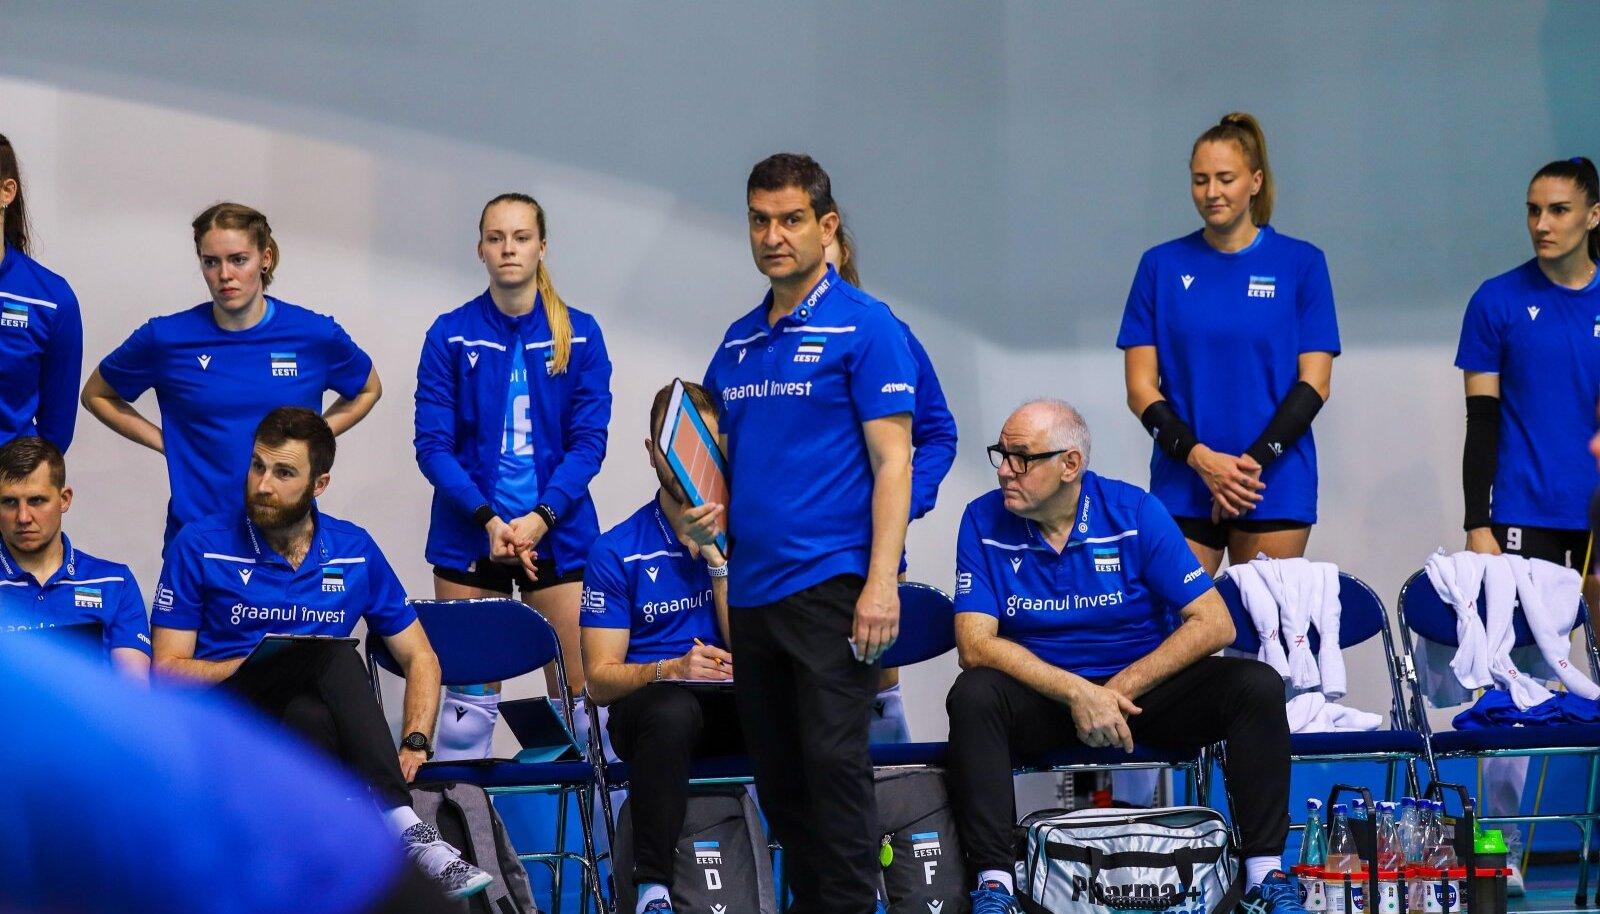 Lorenzo Micelli (keskel) ei suutnud avakatsel Eestit EM-ile viia, kuid usalduskrediiti on tal nii mängijate kui alaliidu silmis.